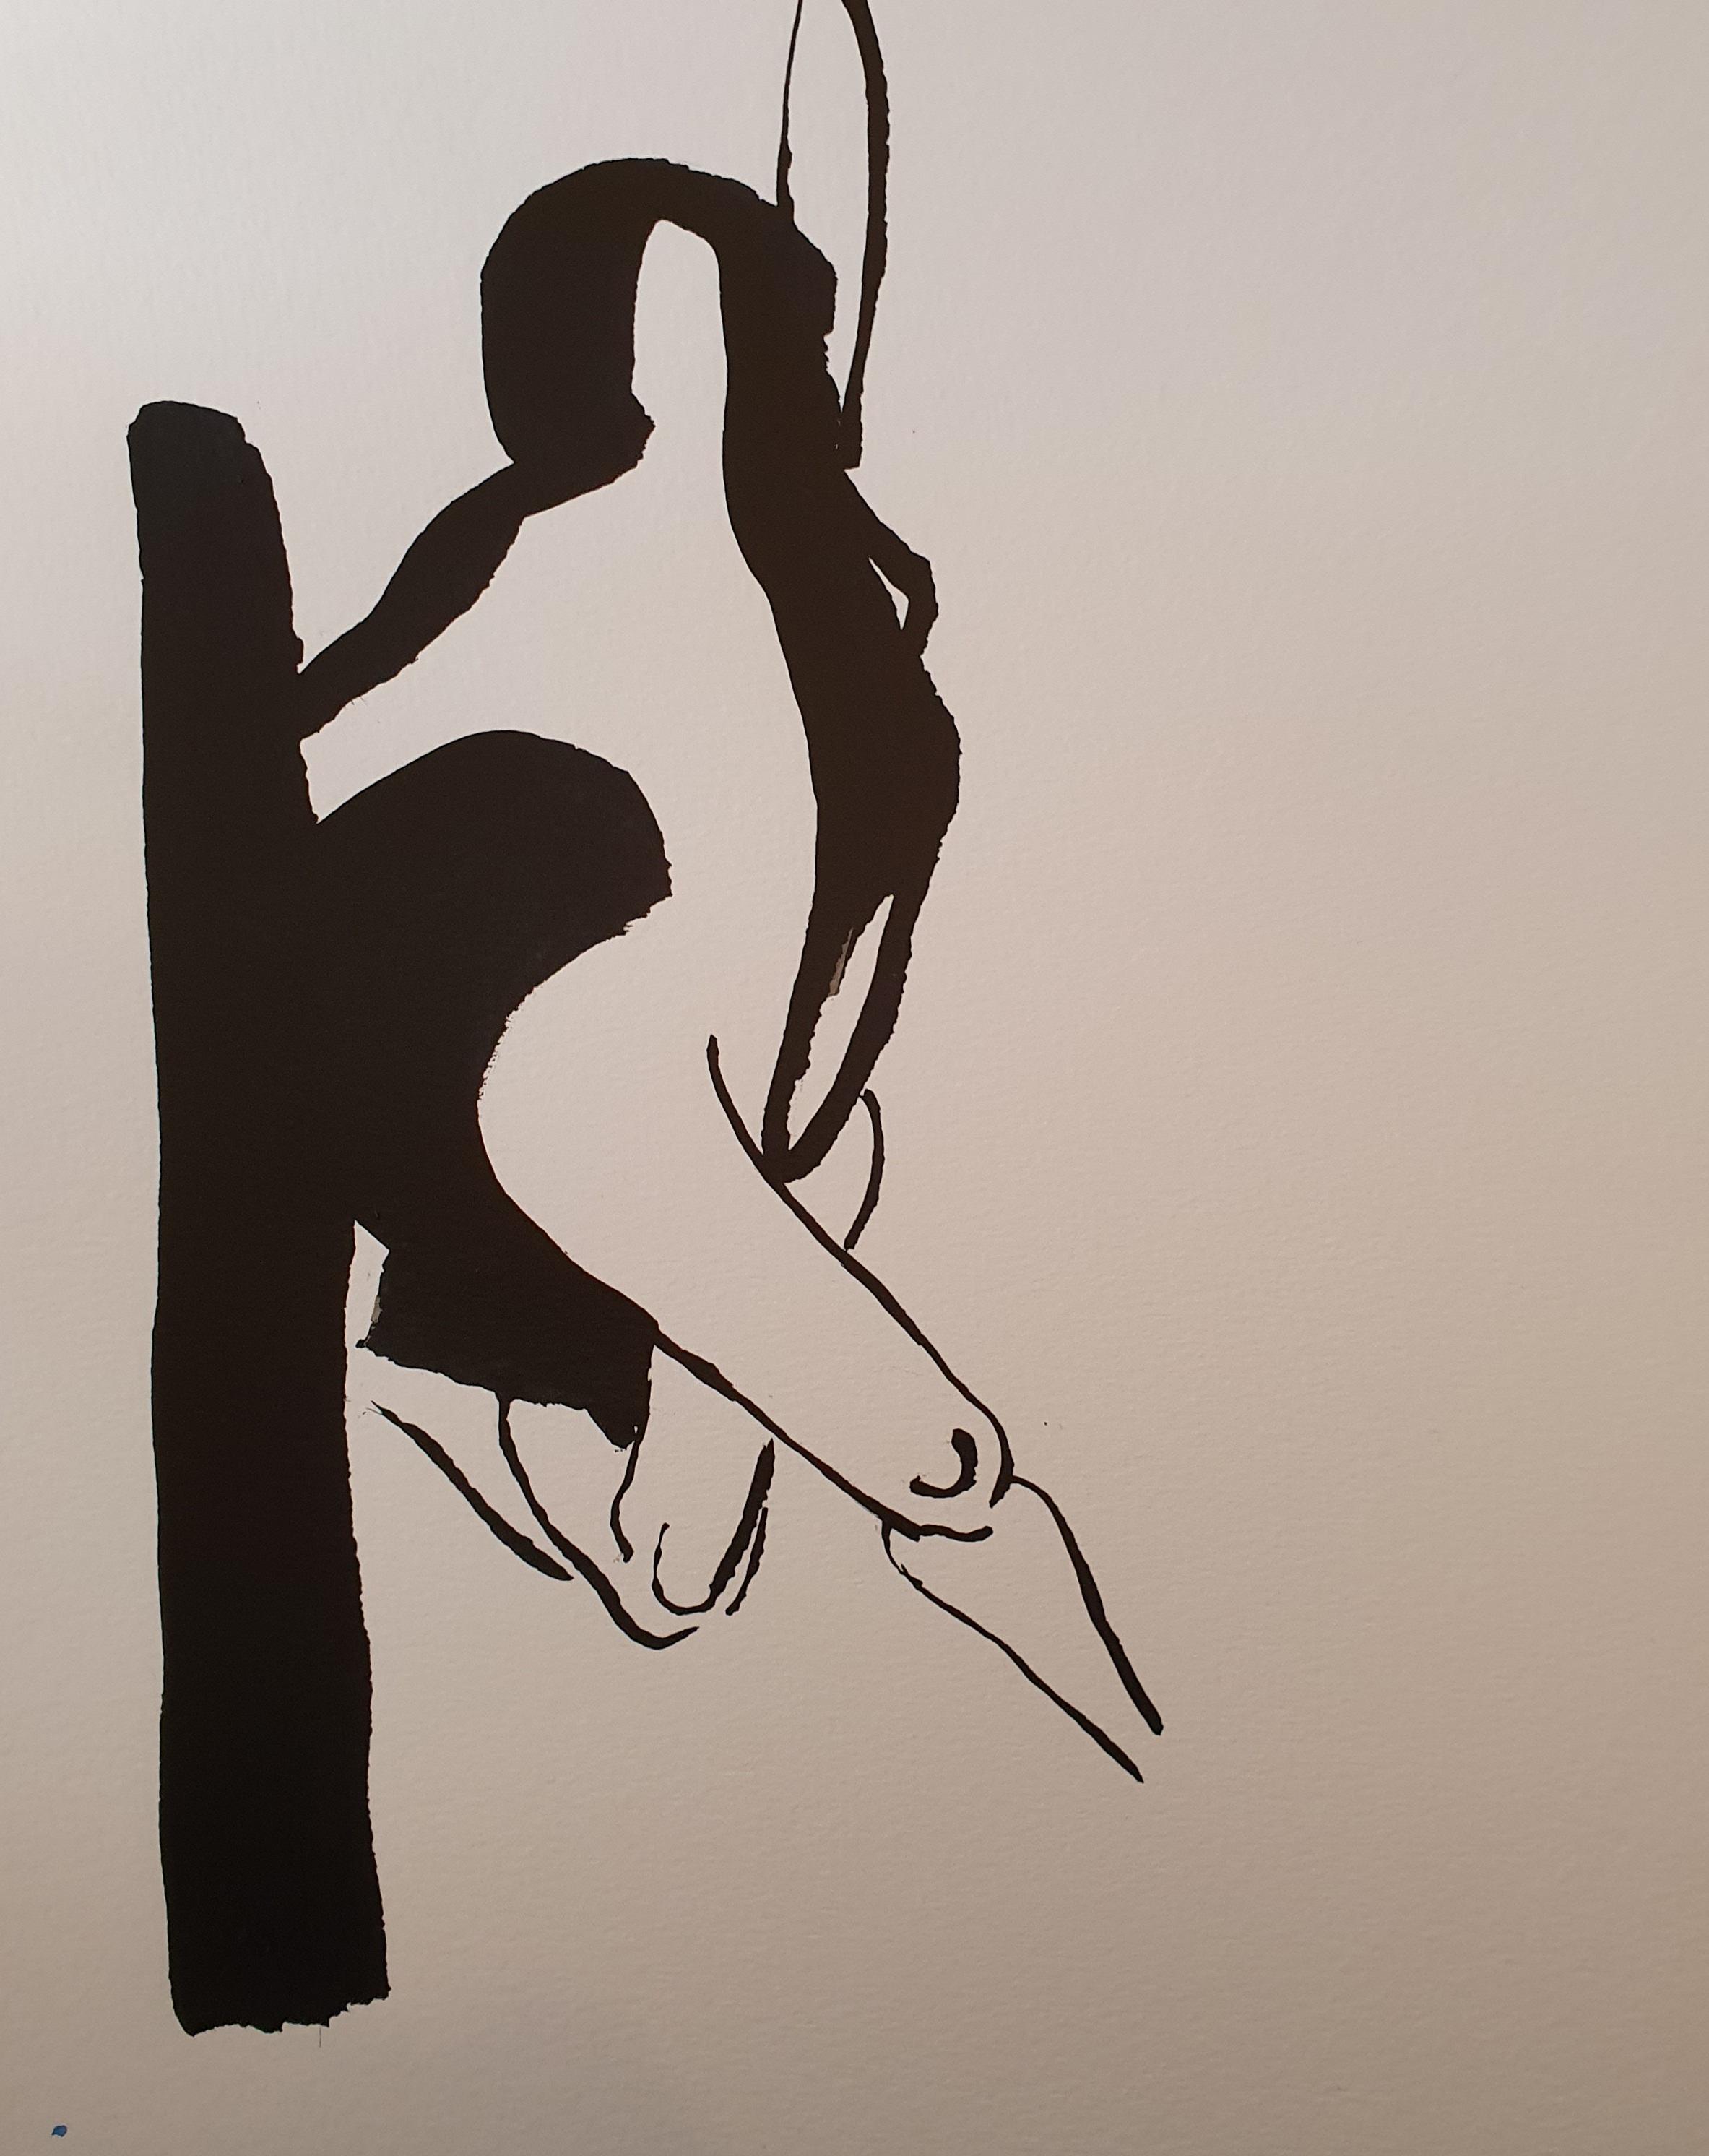 Dessin encre de Chine pur sur papier noir et blanc  cours de dessin